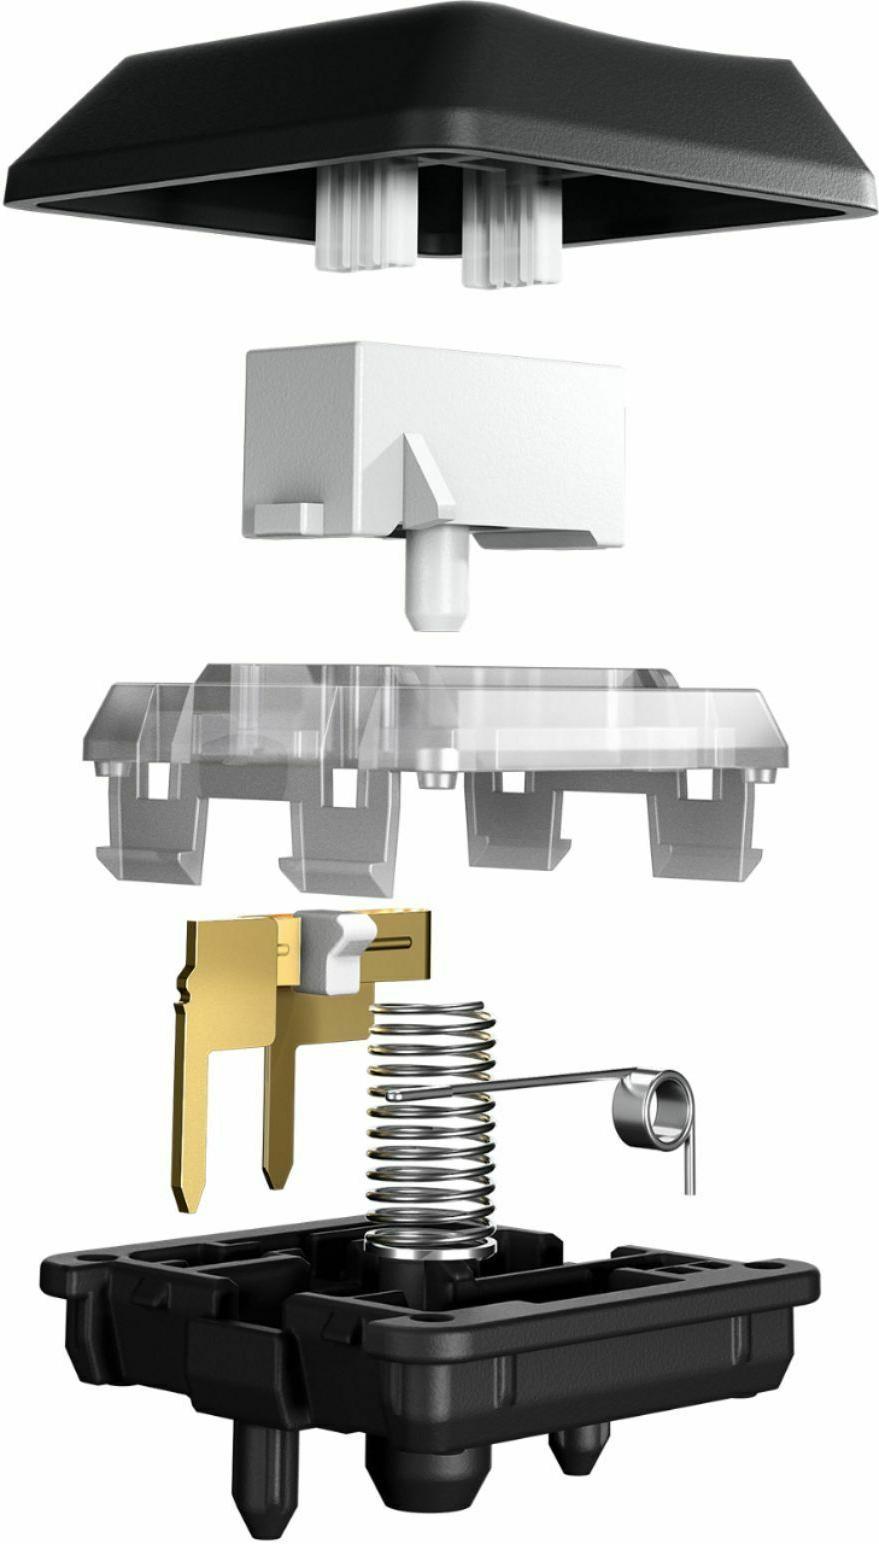 Logitech Wireless Mechanical